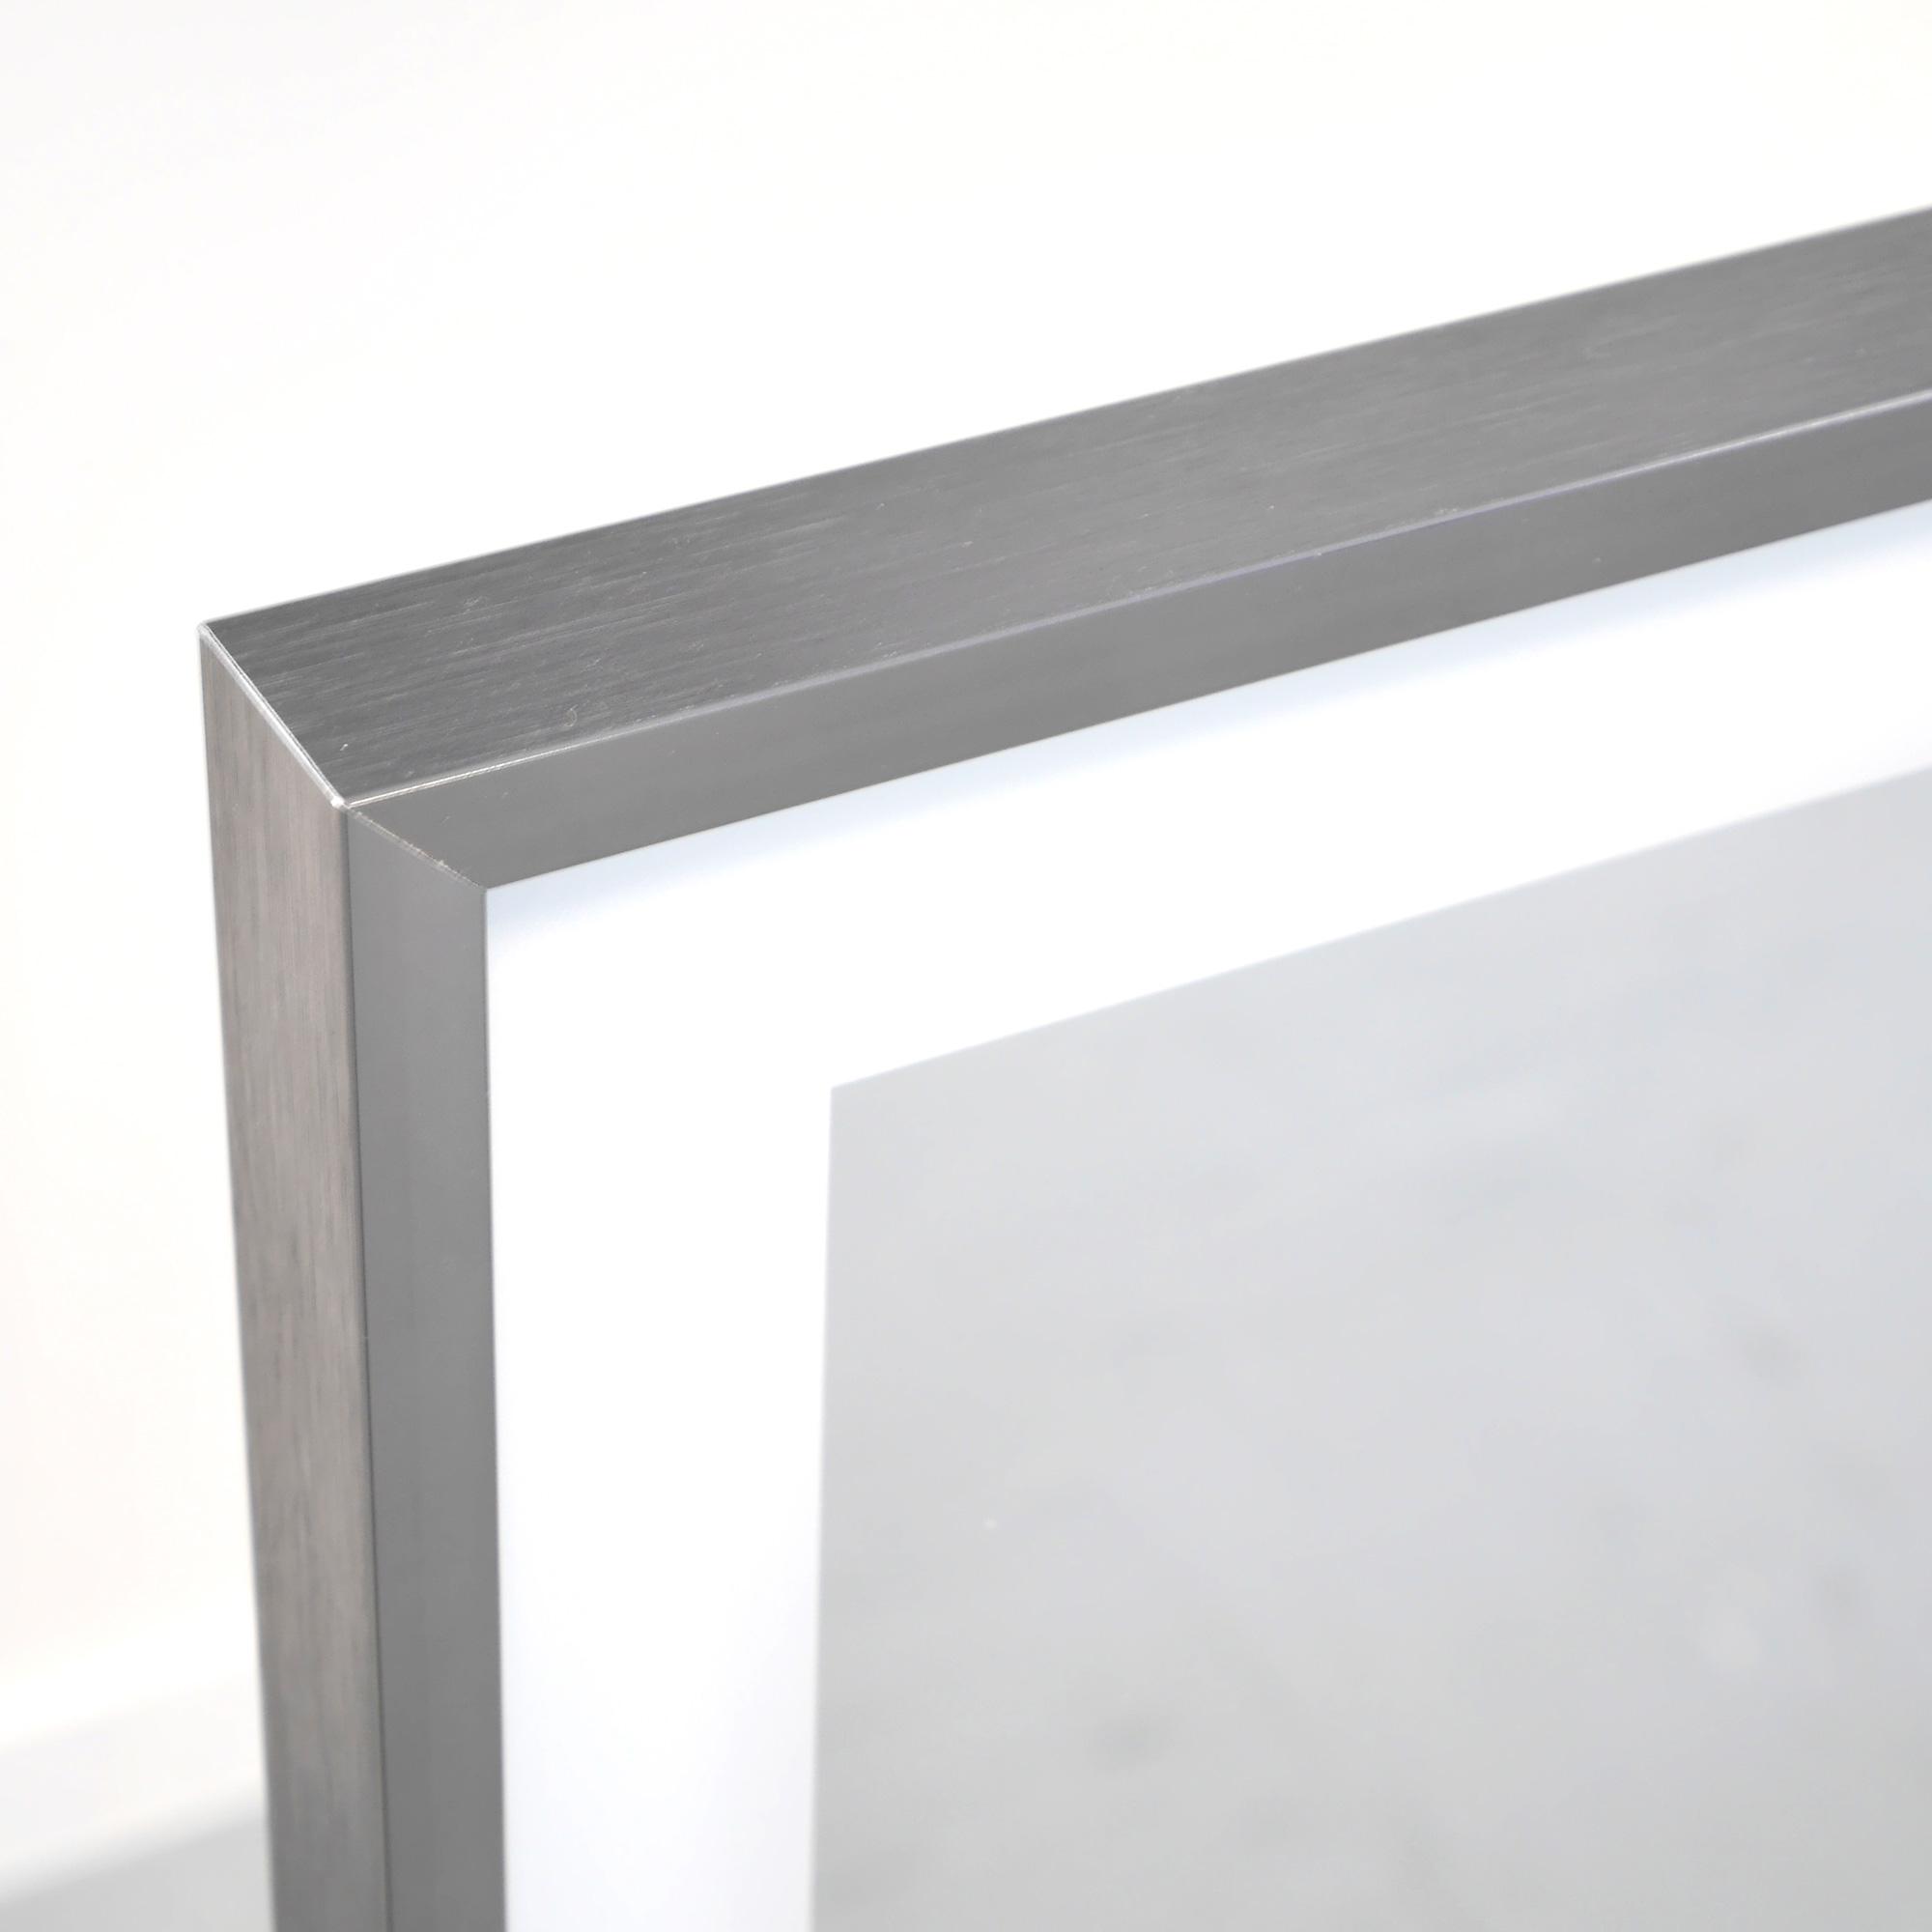 vasner zipris s led infrarotheizung spiegel led 360 licht. Black Bedroom Furniture Sets. Home Design Ideas